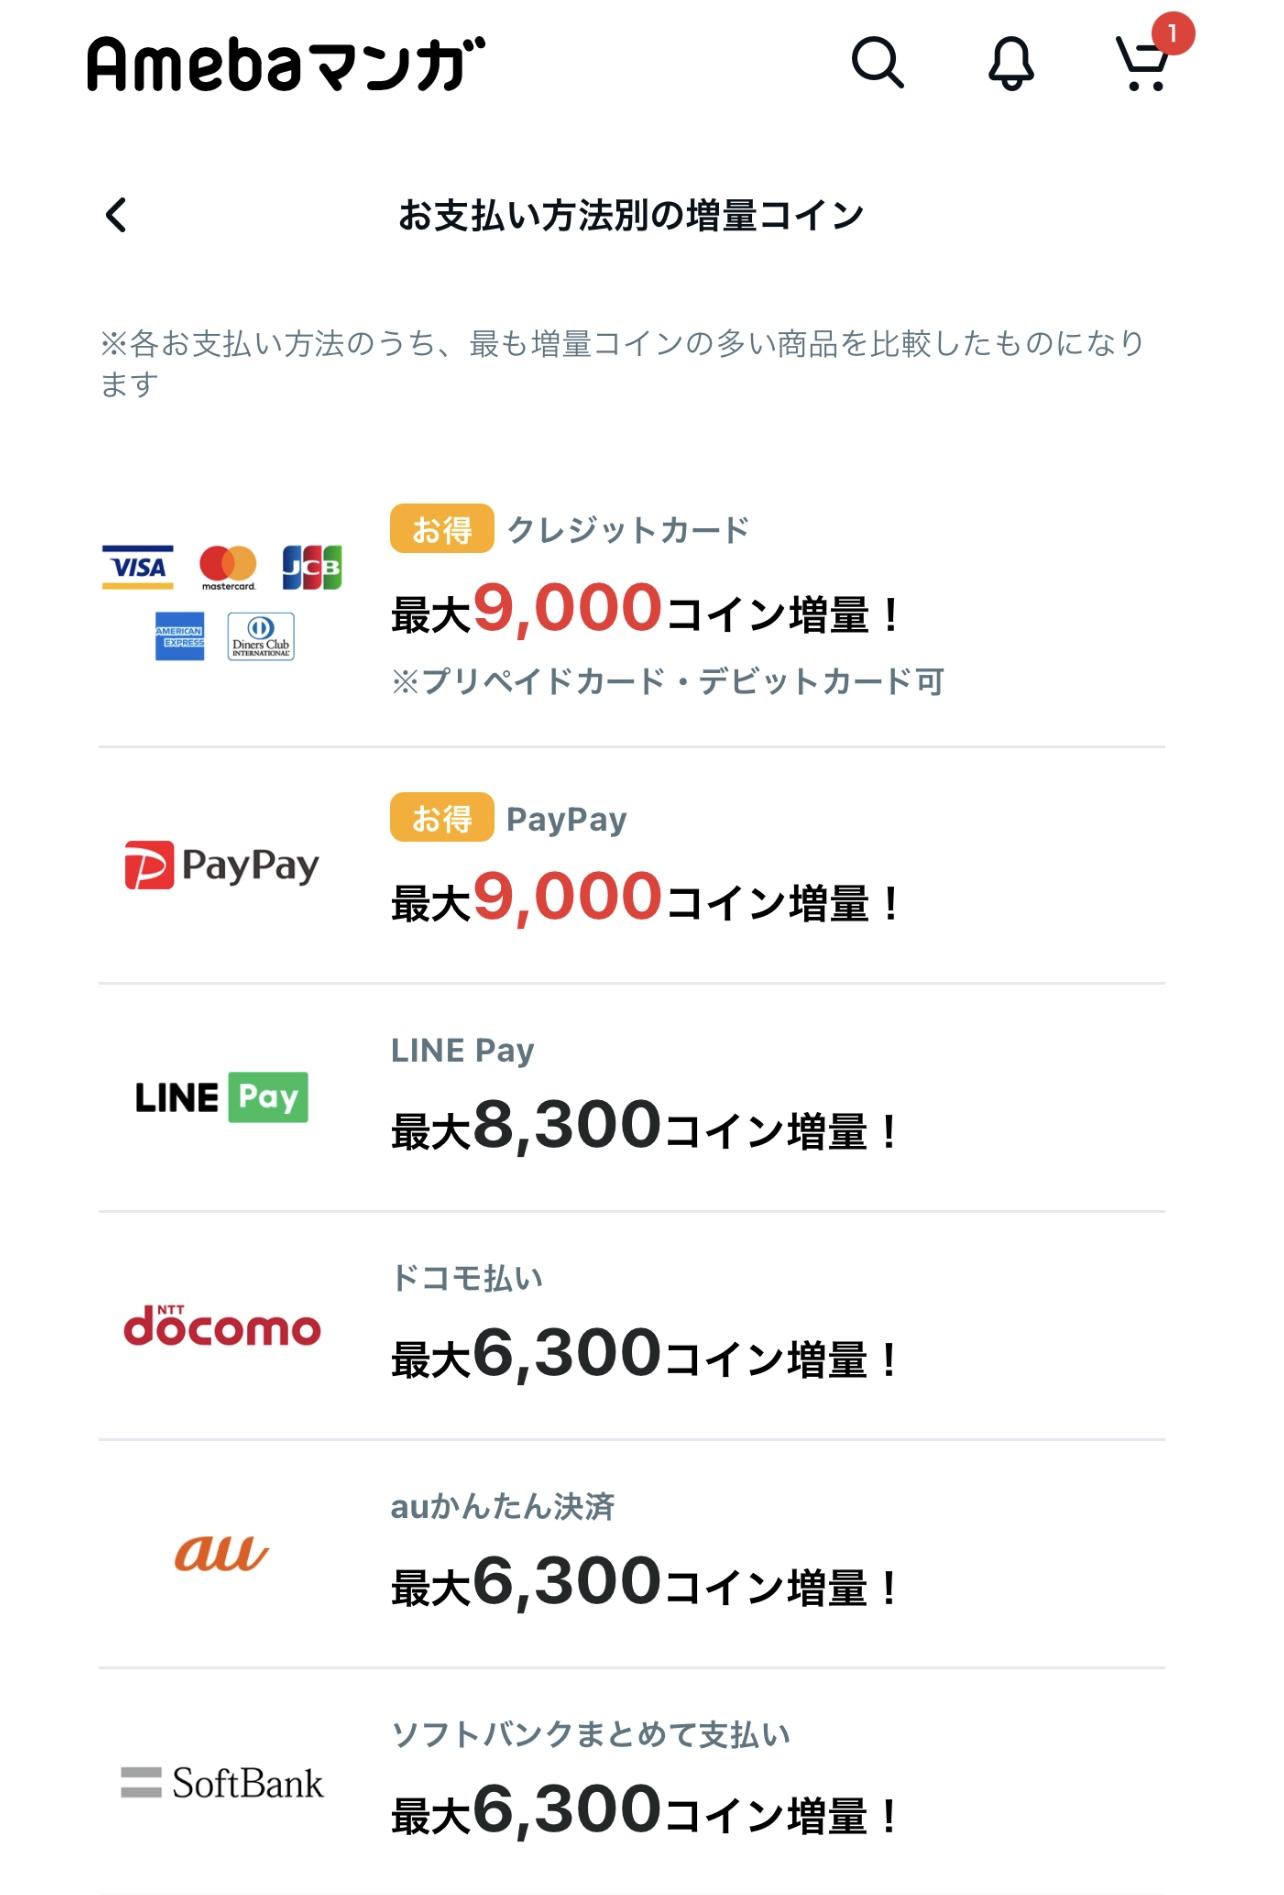 支払い方法と購入するマンガコインの枚数によって特典の枚数が変わる